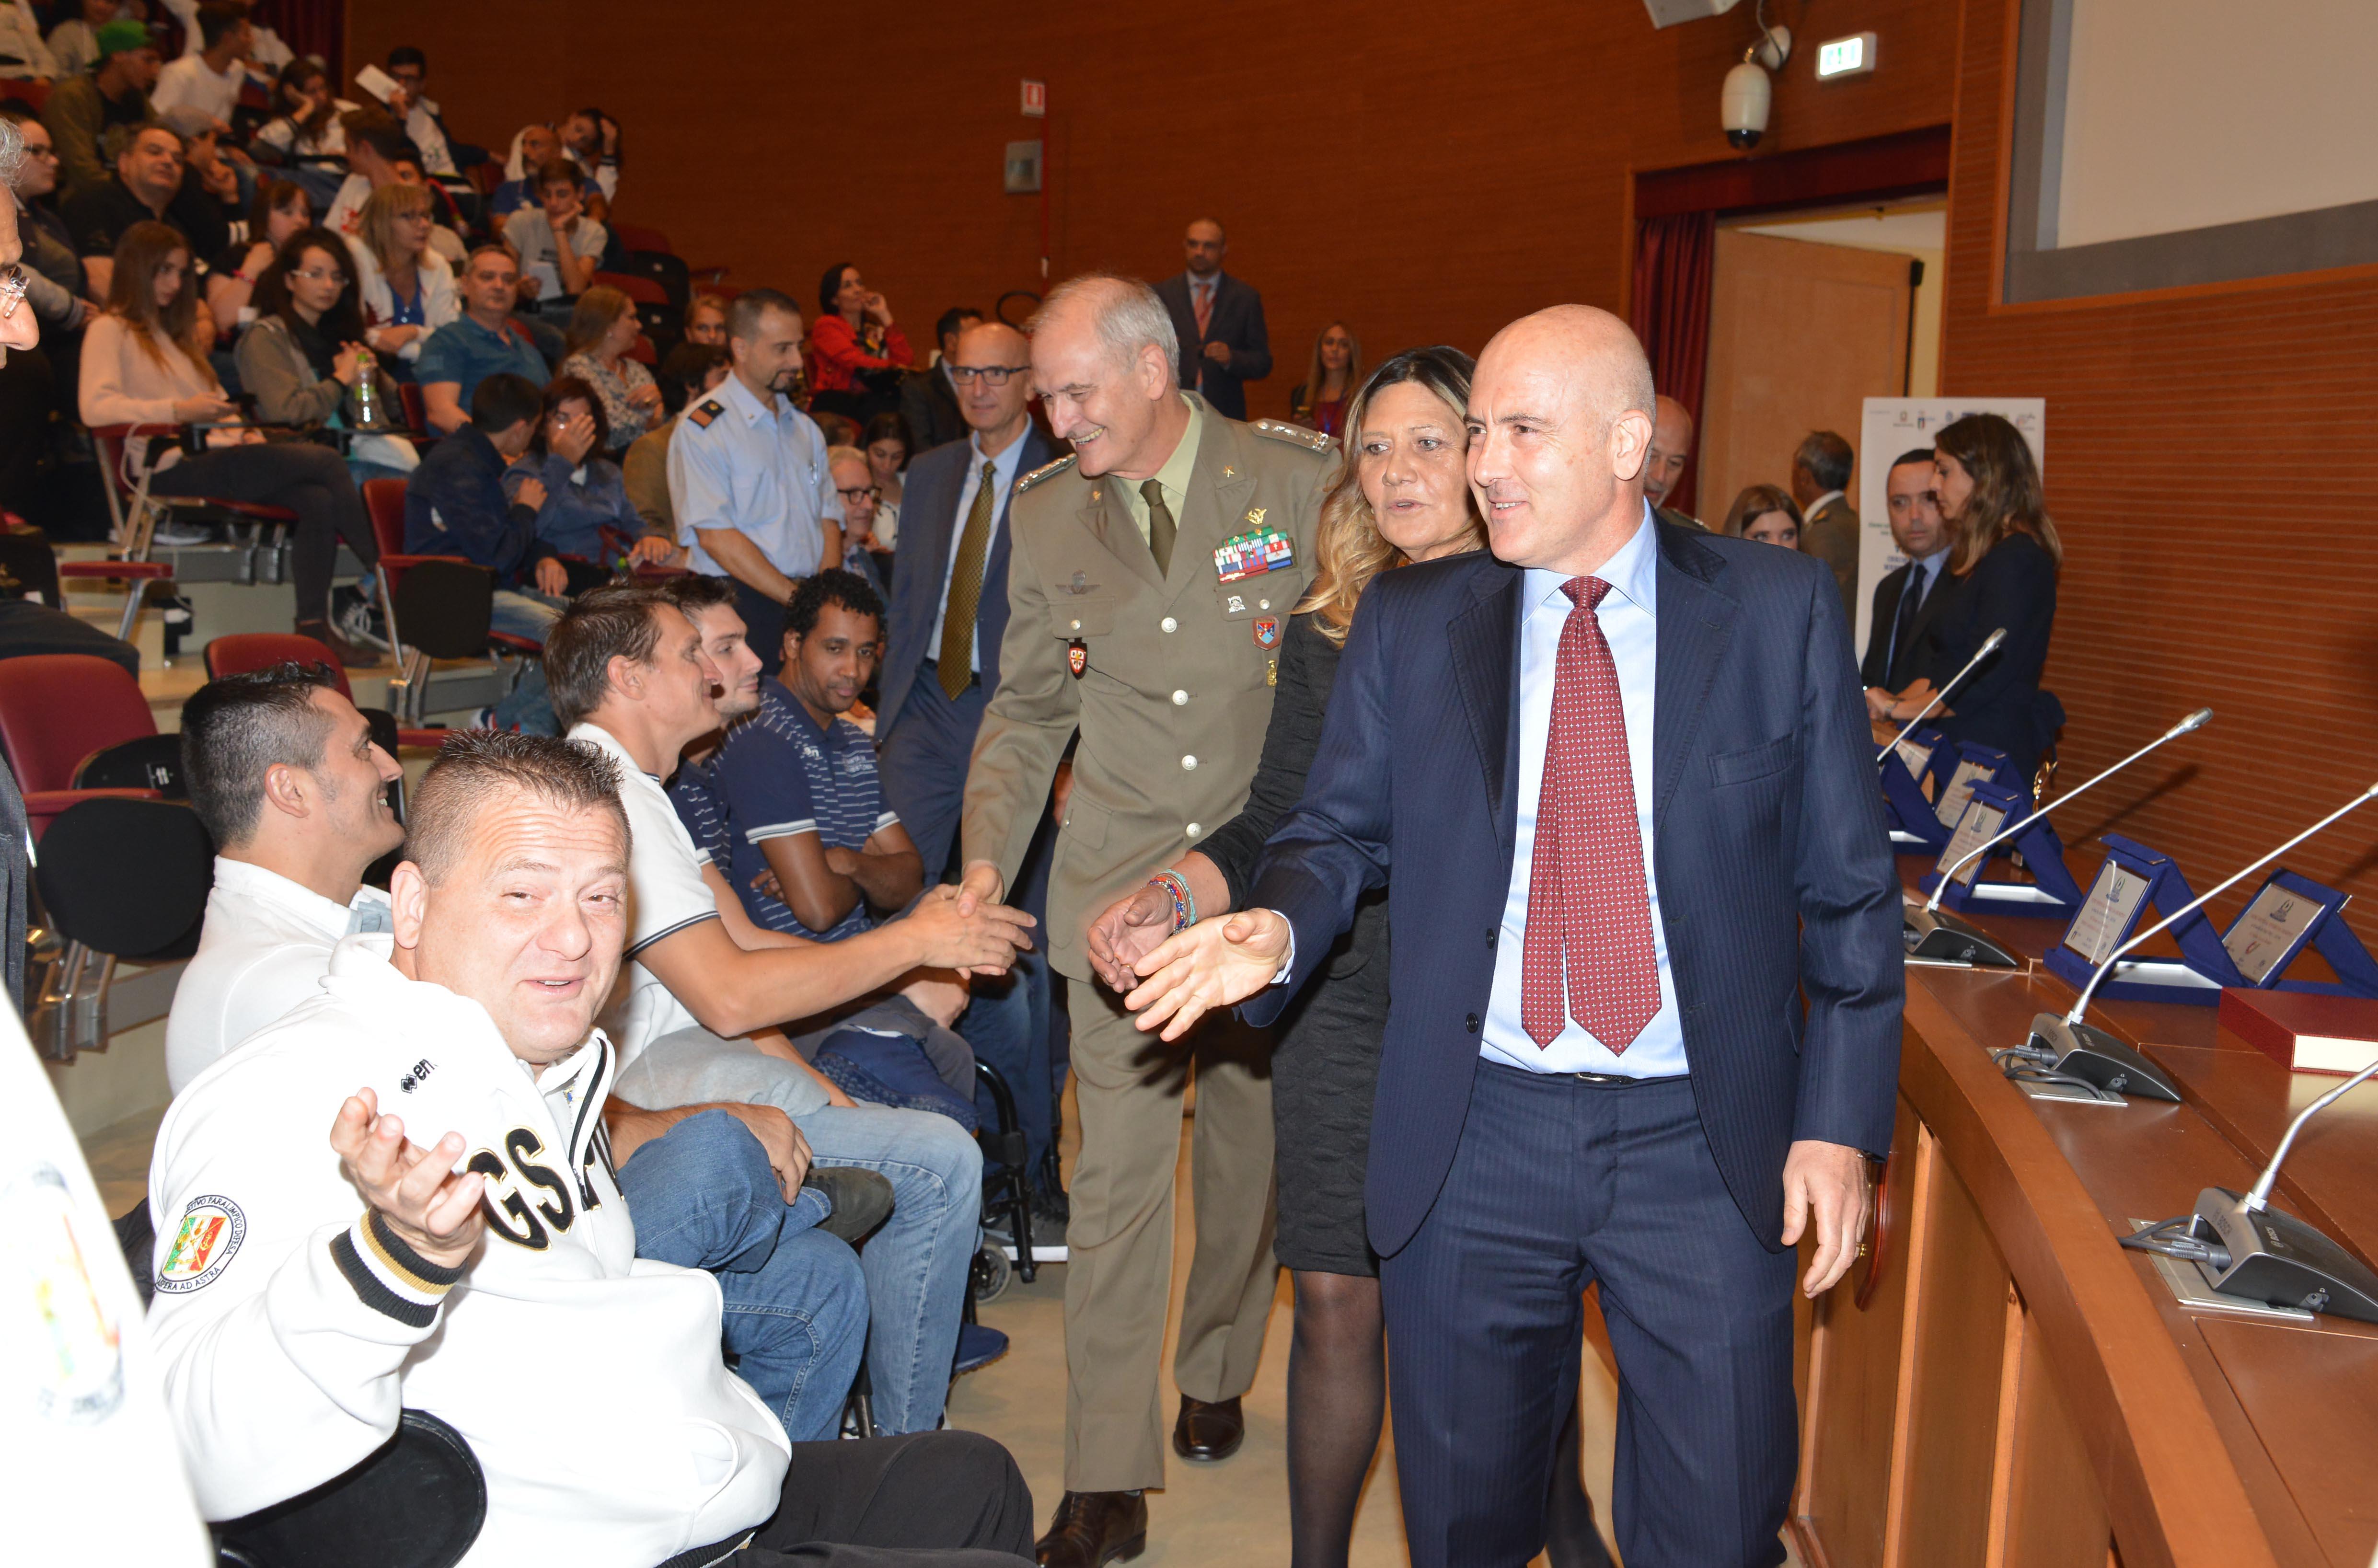 5 Ottobre Sottosegretario On.le Alfano,, Presidente del CASD Ge. Del Casale, Presidente VDS Monica Promontorio